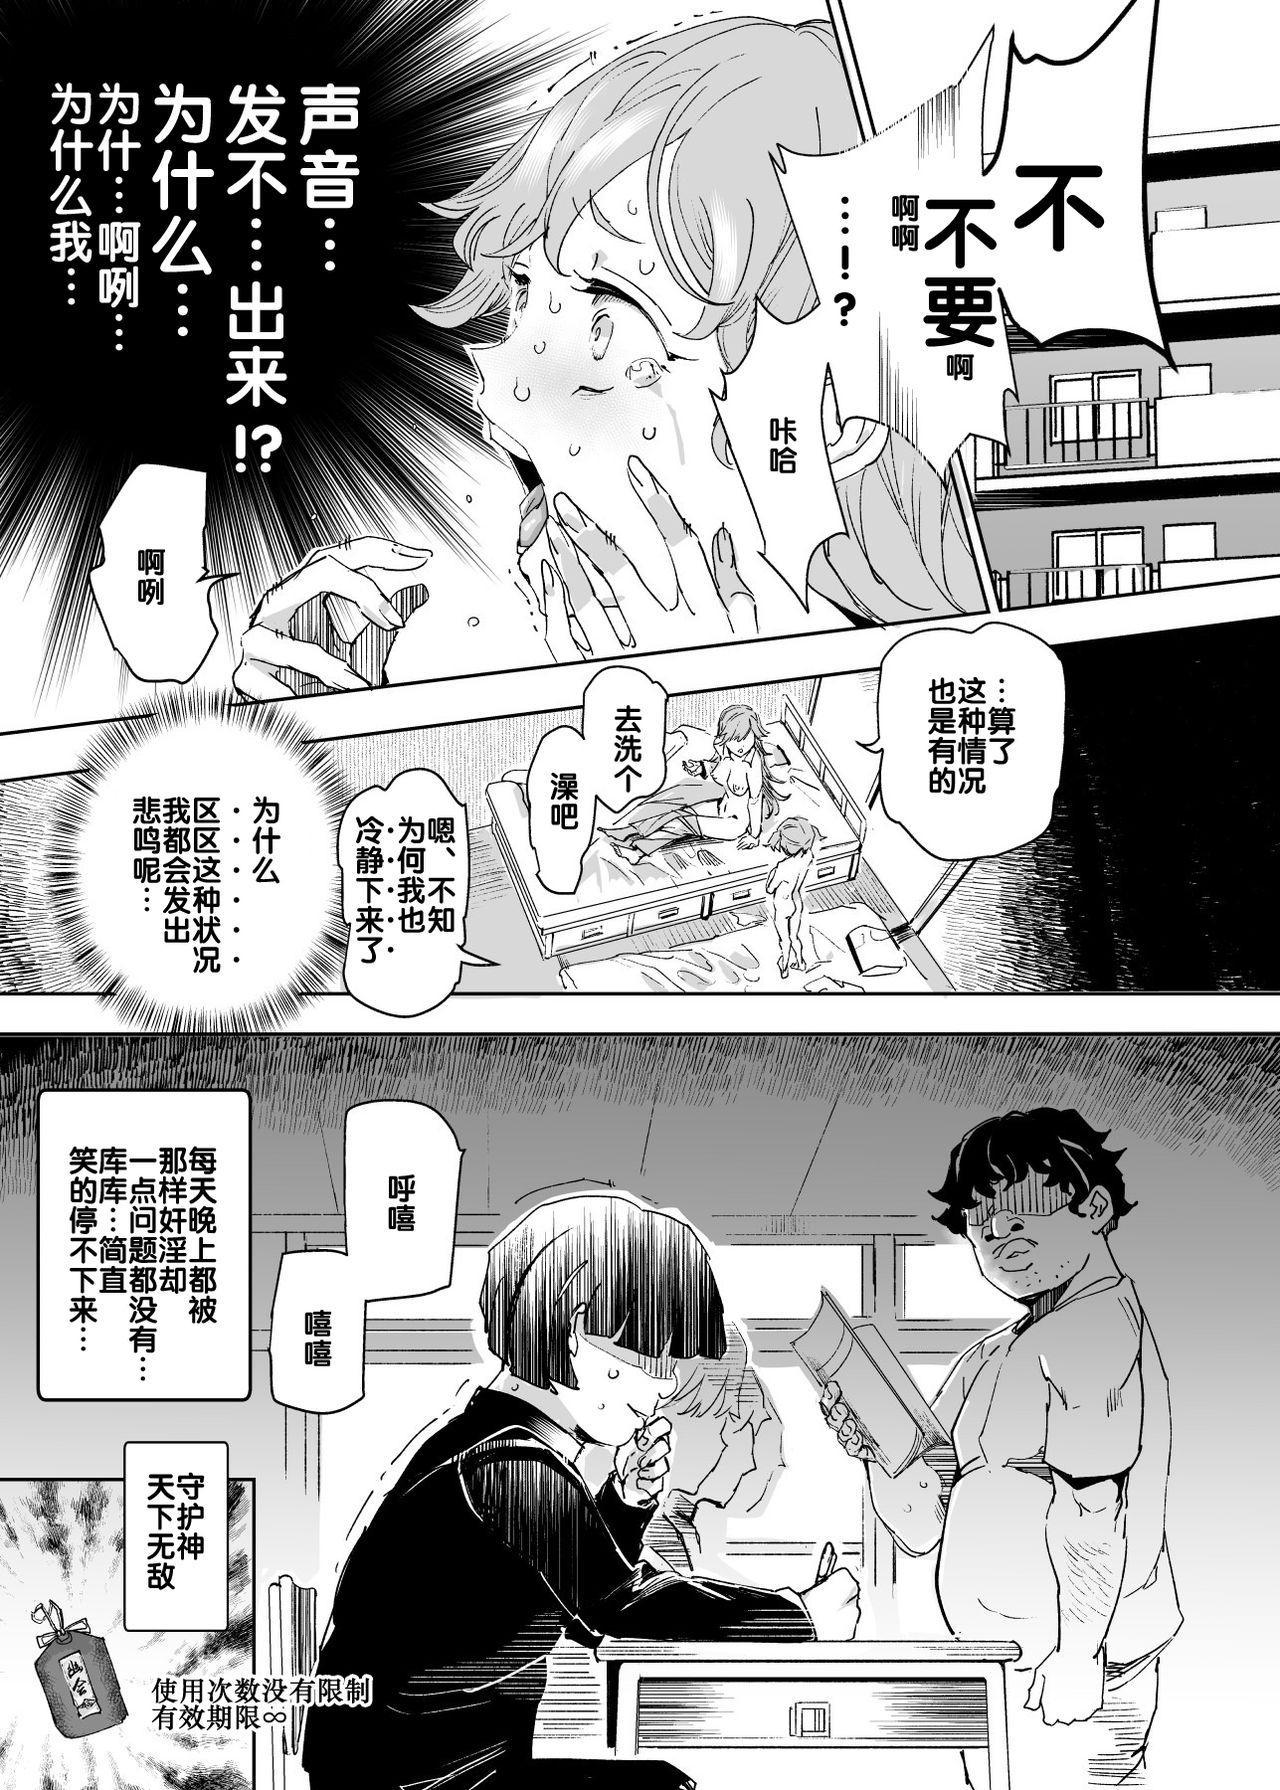 Suikan Houdai - Doukyuusei Joshi wa Boku no Nama Onaho 34